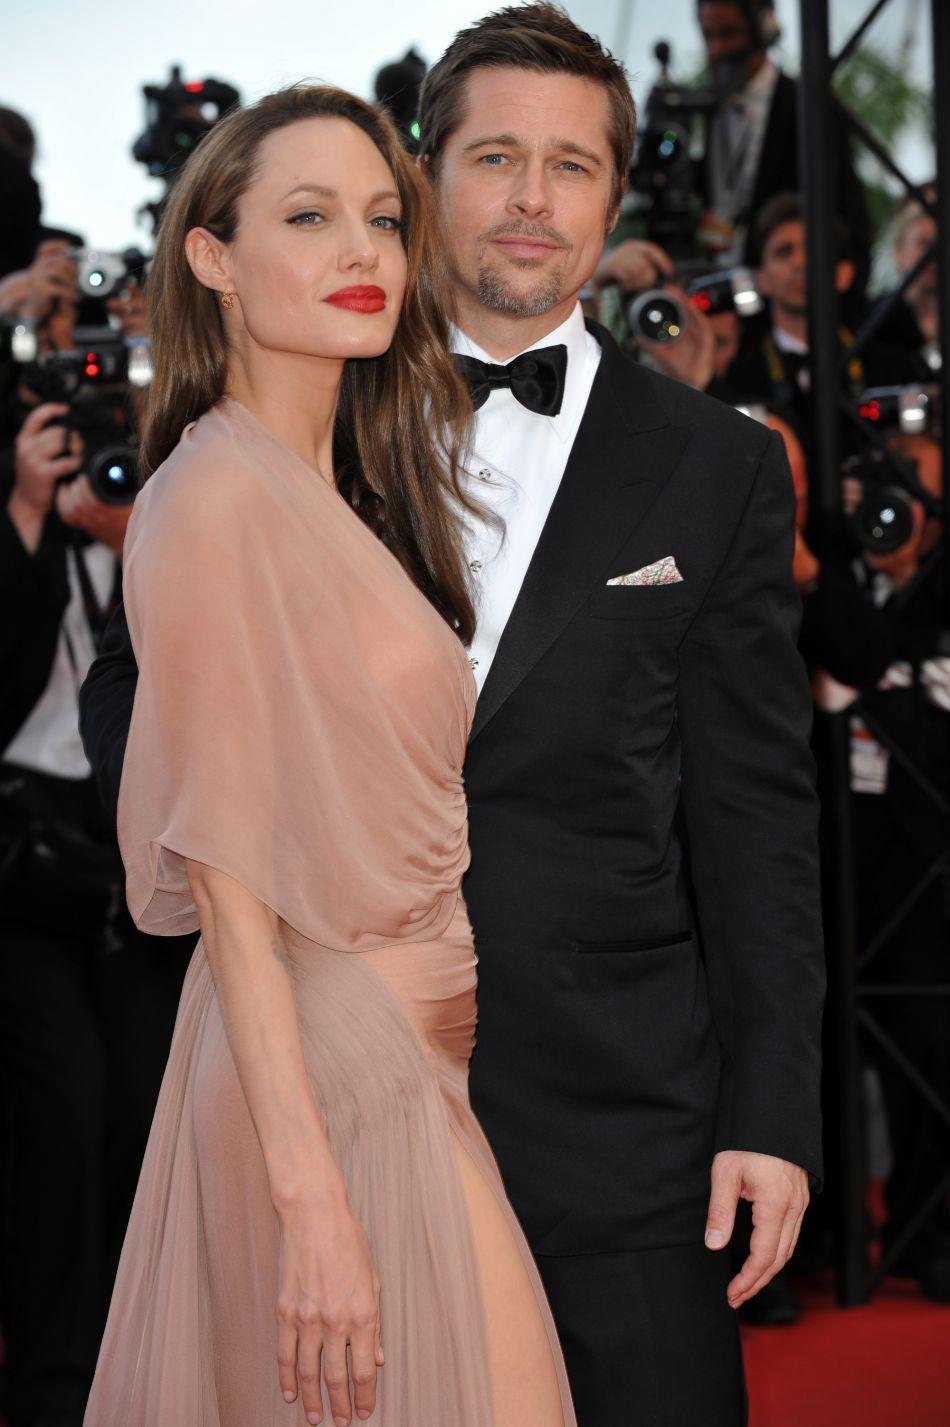 Le divorce de Brad et Angelina déchaîne les passions et est le sujet le plus discuté sur les réseaux sociaux depuis deux jours.